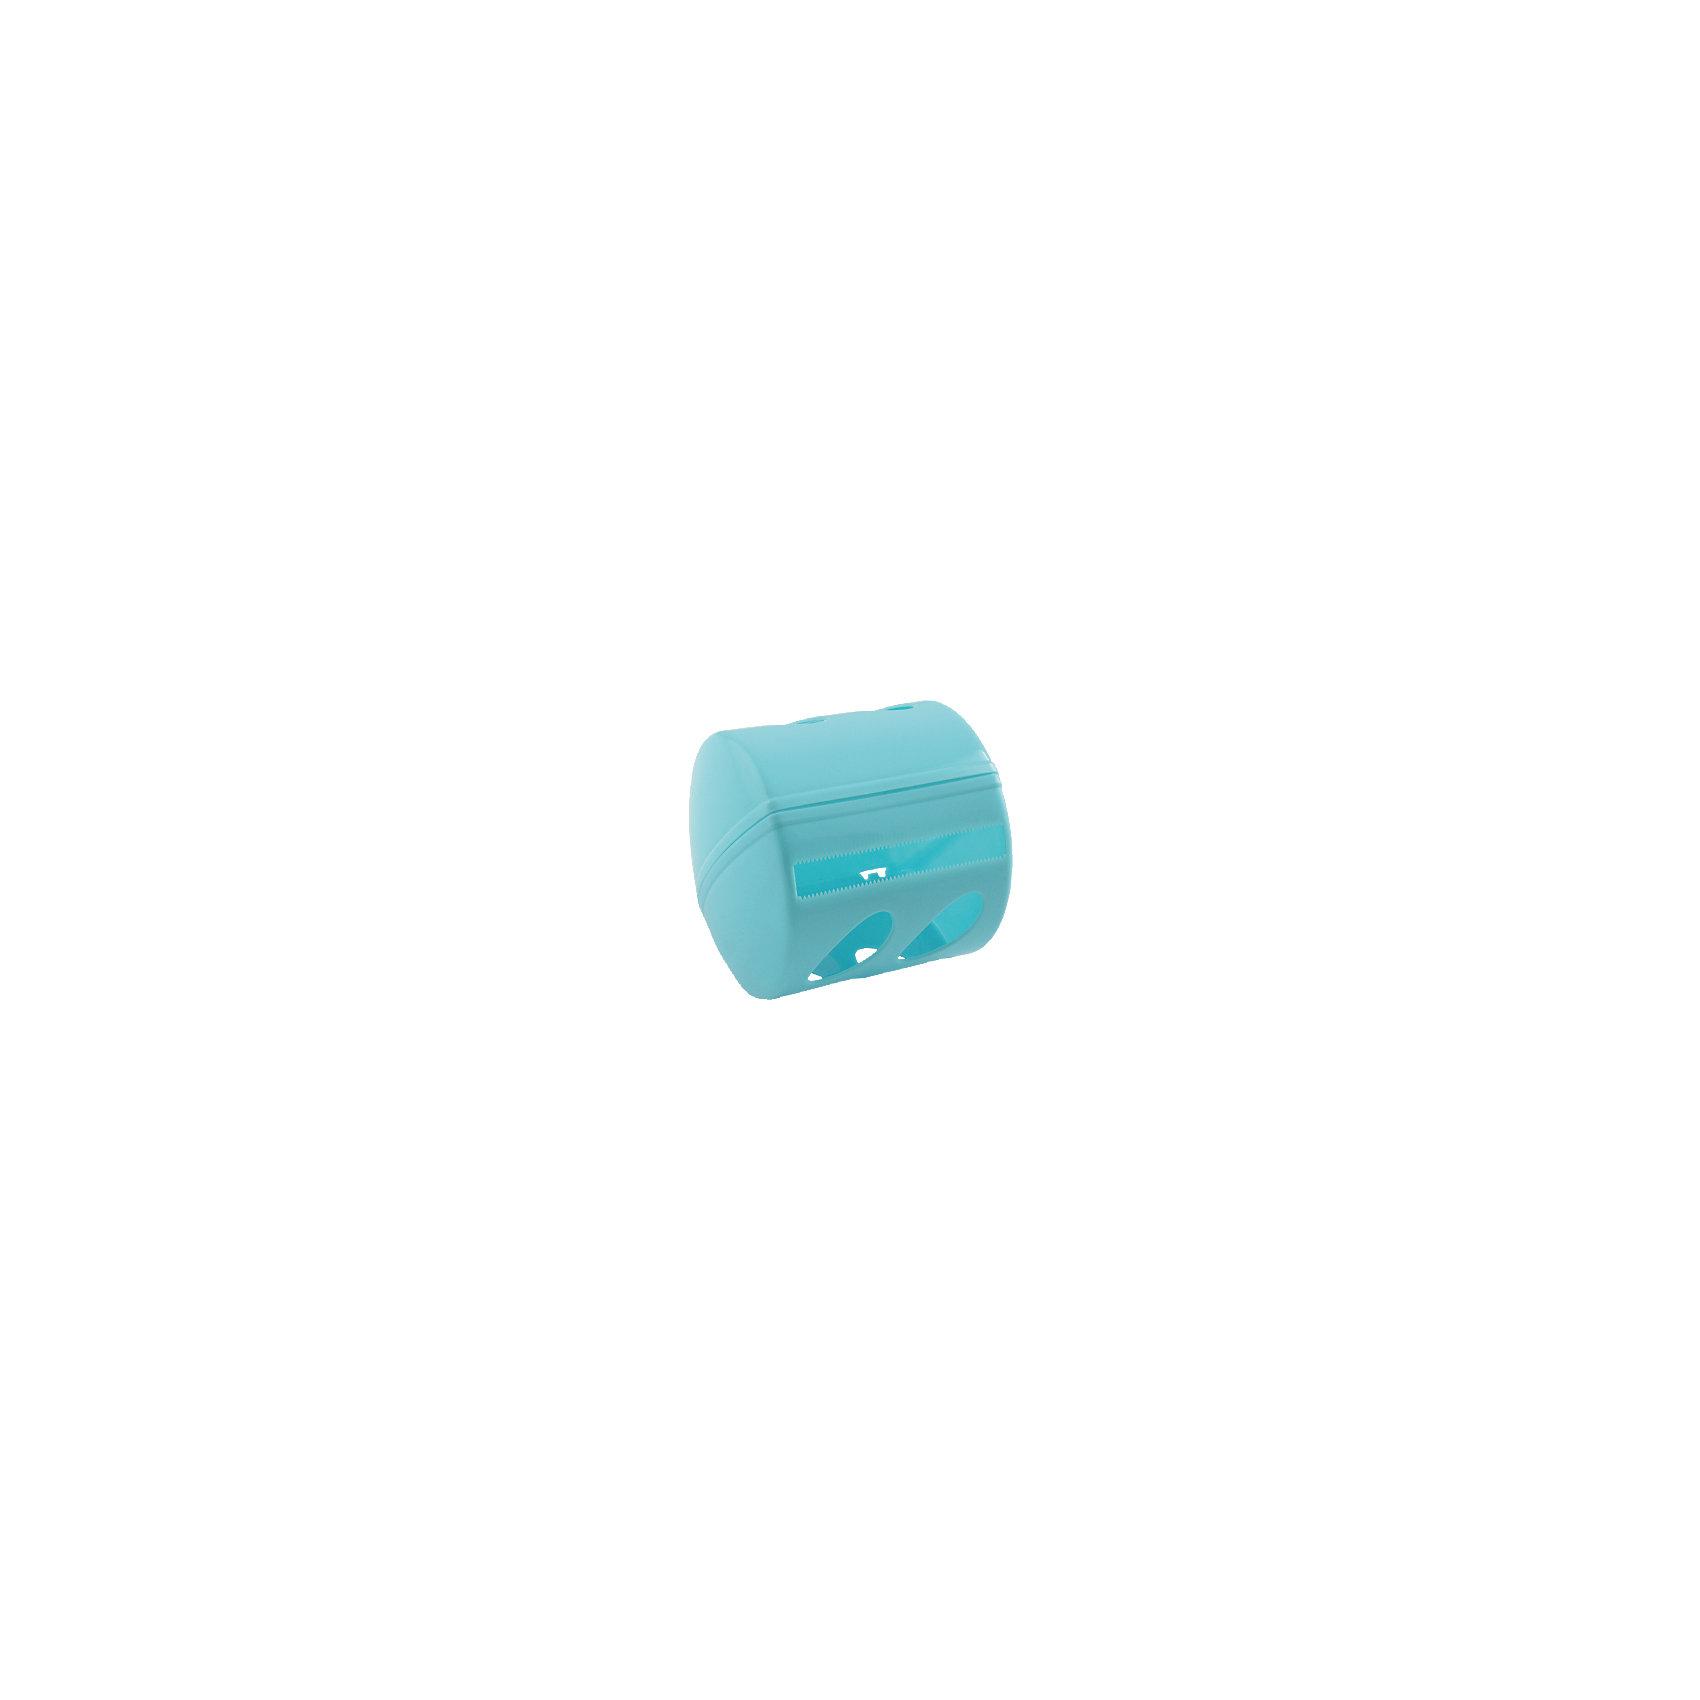 Держатель для туалетной бумаги Aqua, BranQВанная комната<br>Держатель для туалетной бумаги изготовлен из легкого, прочного пластика. Снабжен зубцами для легкого отрыва бумаги. Надежно крепится  к стене, универсальная форма подойдет для любой обстановки санузла.<br><br>Ширина мм: 134<br>Глубина мм: 130<br>Высота мм: 124<br>Вес г: 103<br>Возраст от месяцев: 216<br>Возраст до месяцев: 1188<br>Пол: Унисекс<br>Возраст: Детский<br>SKU: 5545597